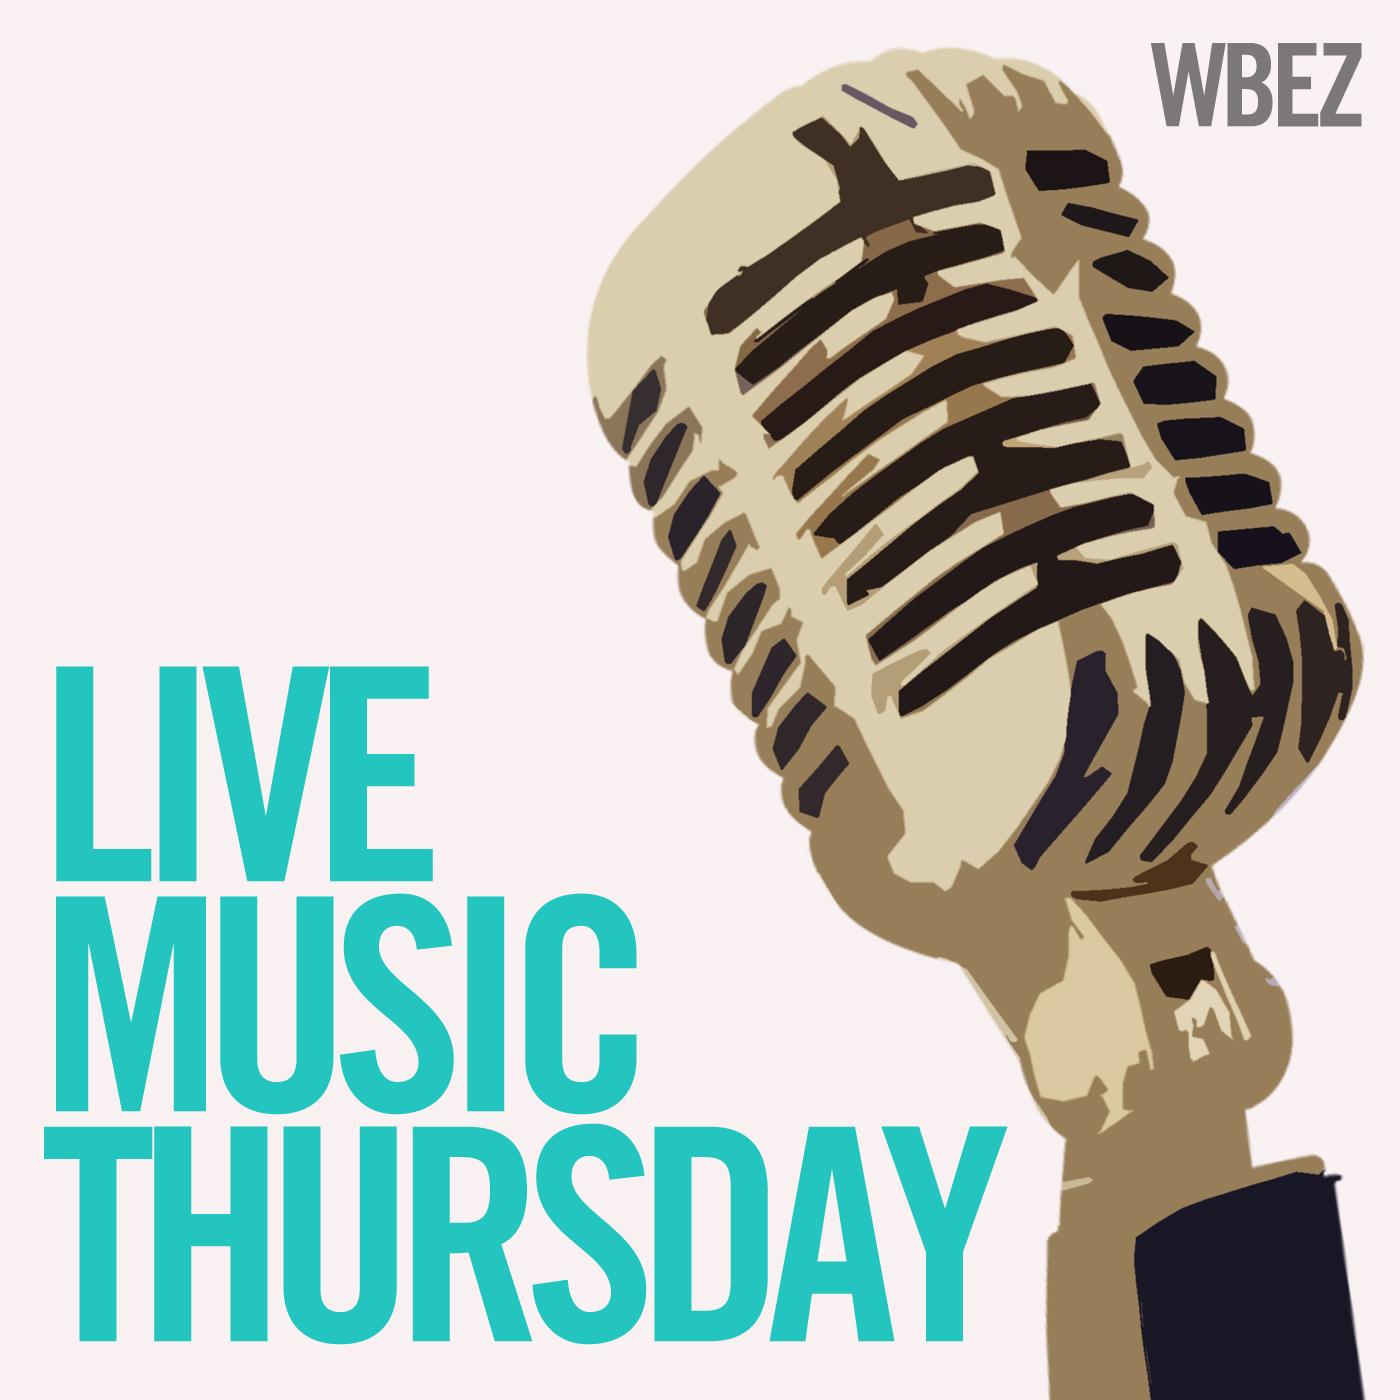 WBEZ's Live Music Thursday